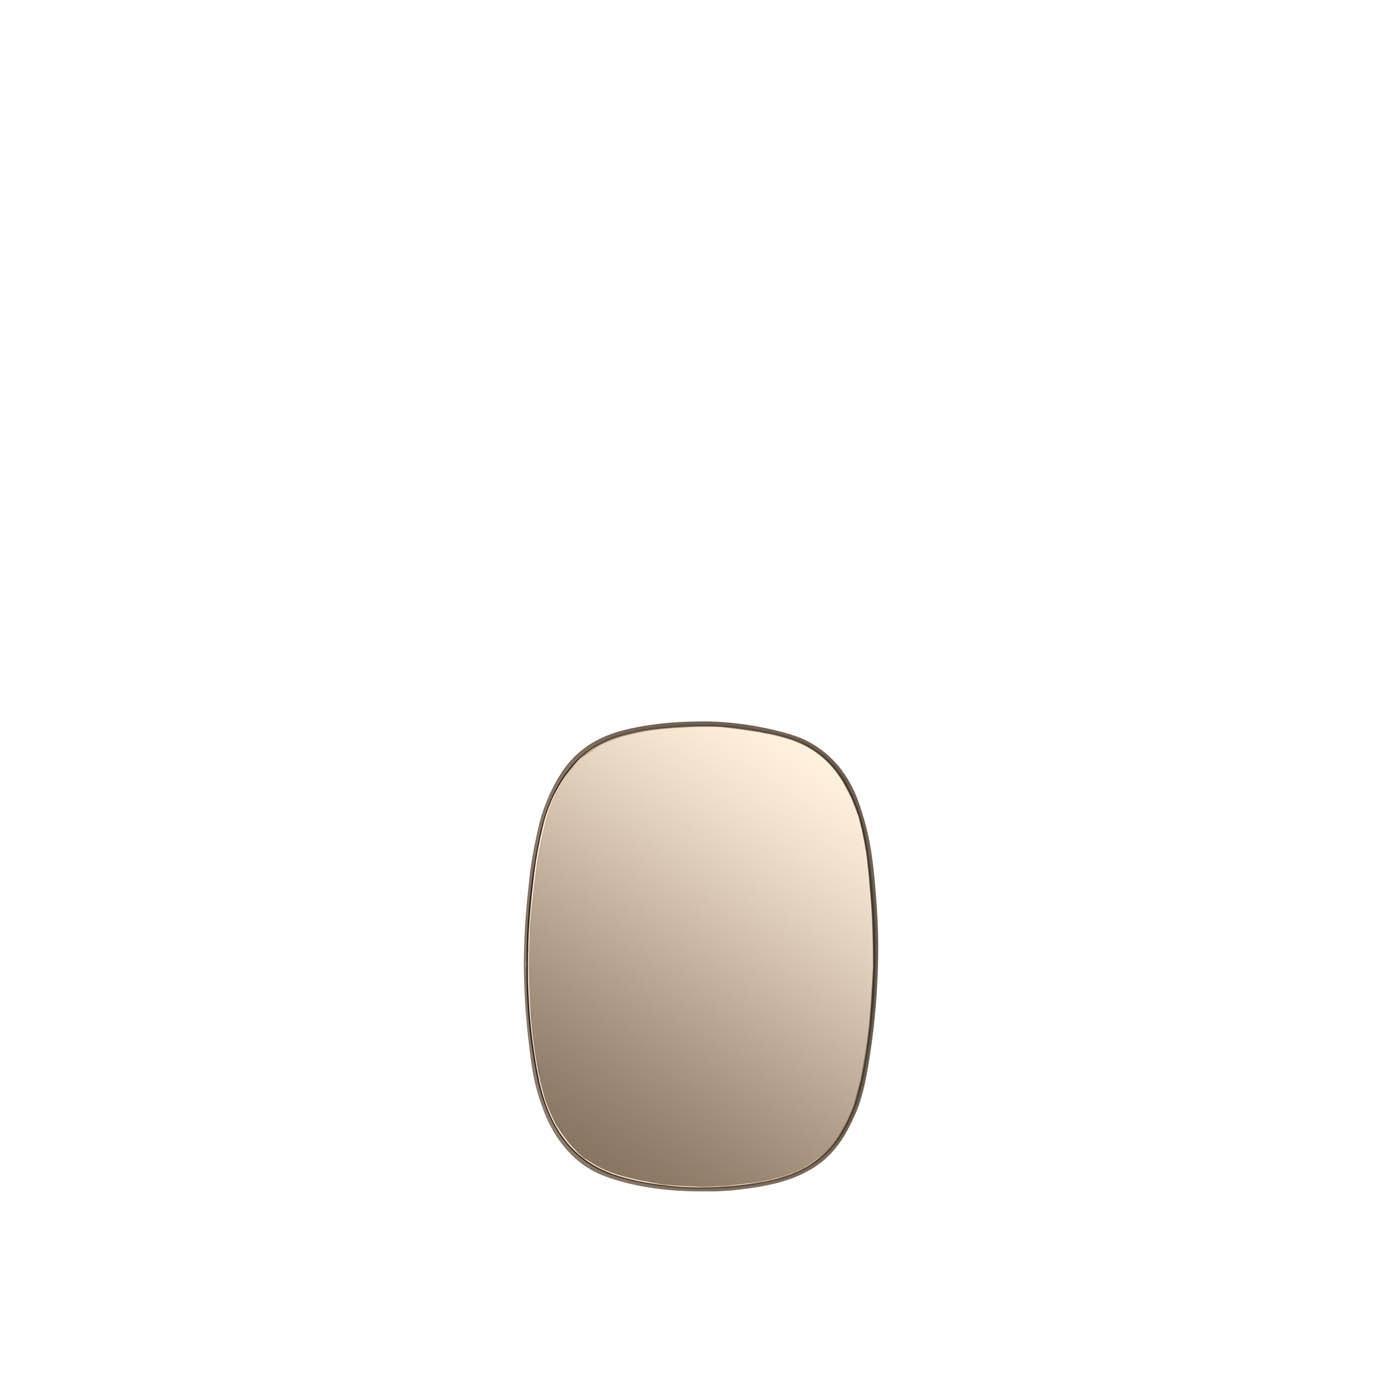 Muuto Framed Mirror - Small